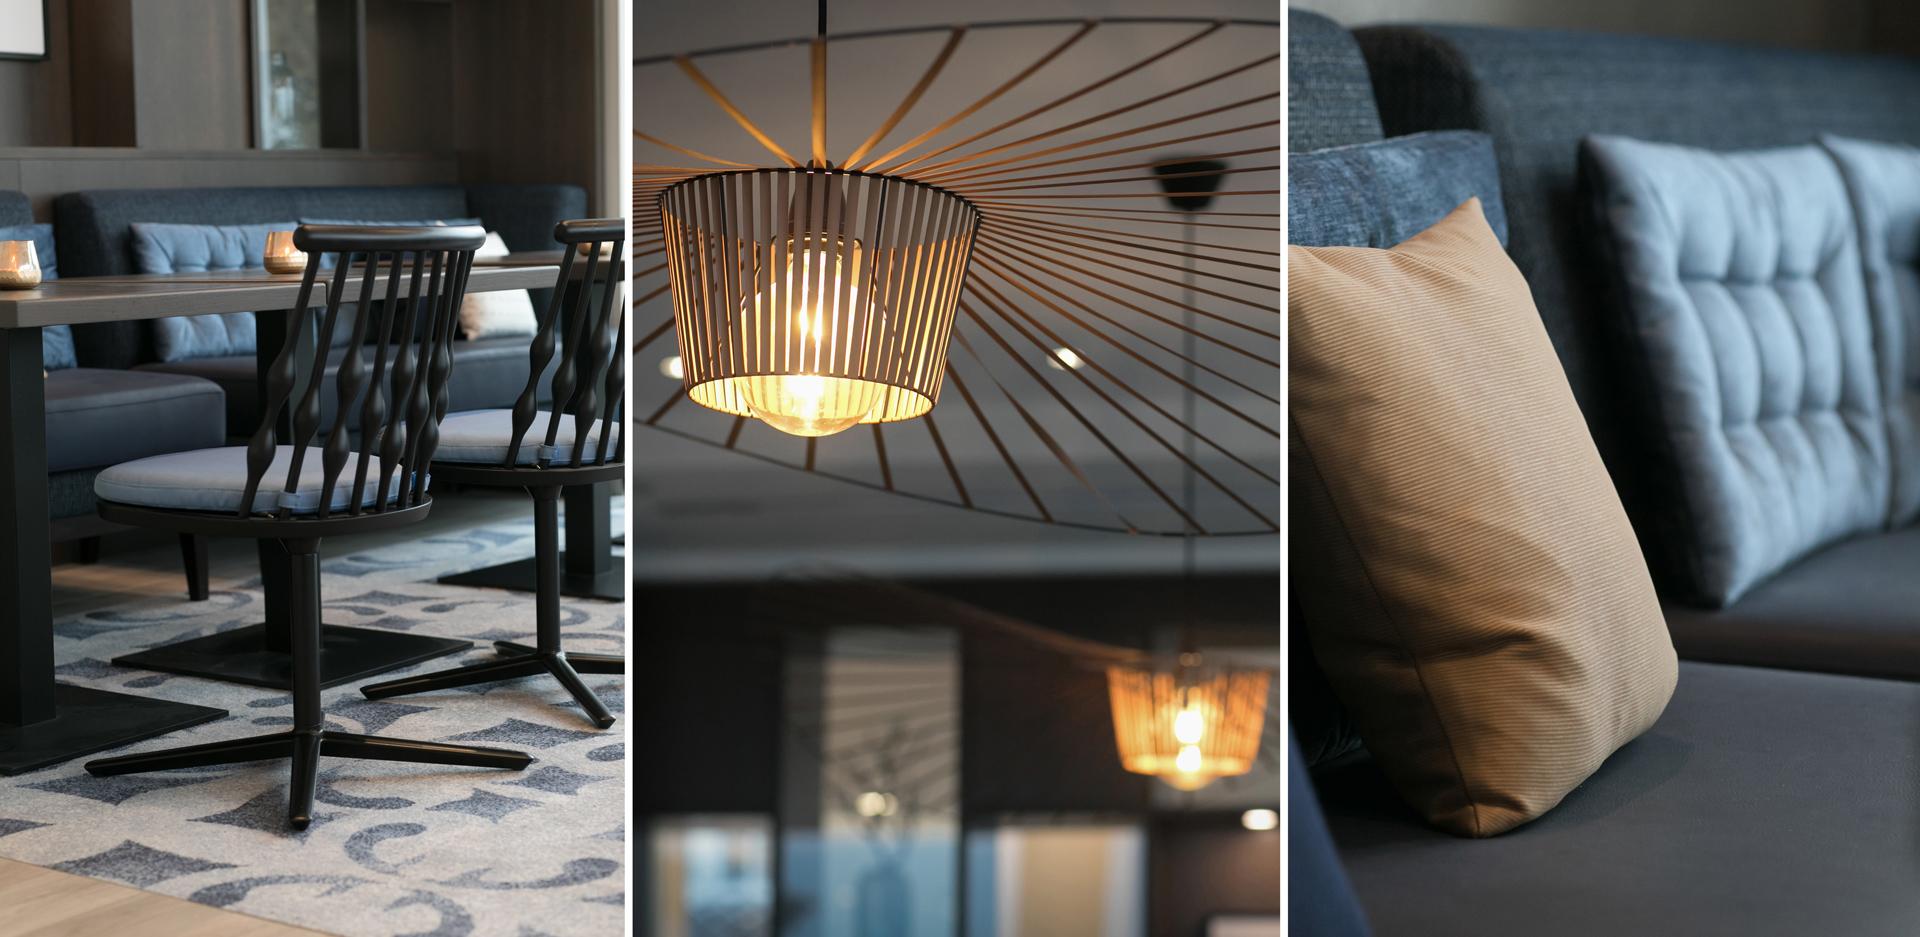 Impressionen vom Restaurant Hotel am Leuchtturm in Warnemünde